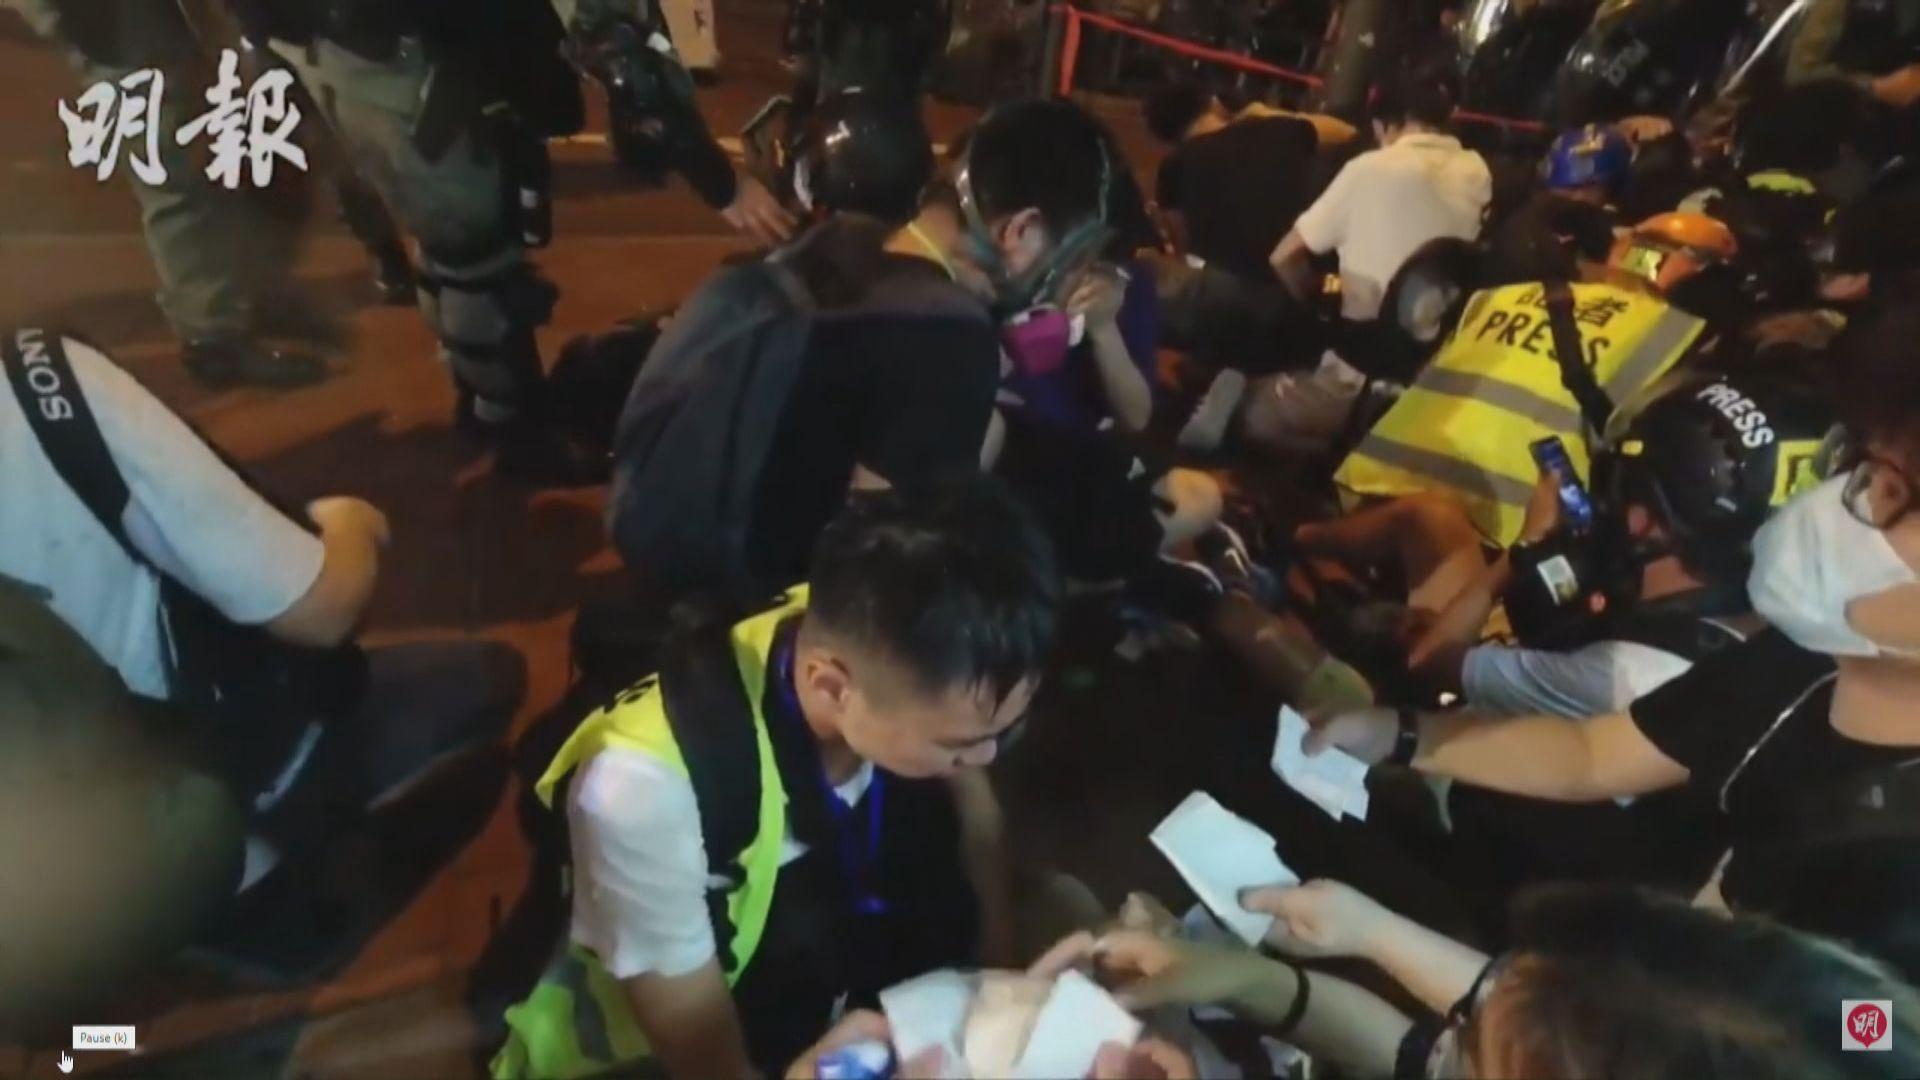 明報記者採訪期間遭警方要求蹲下及停止拍攝